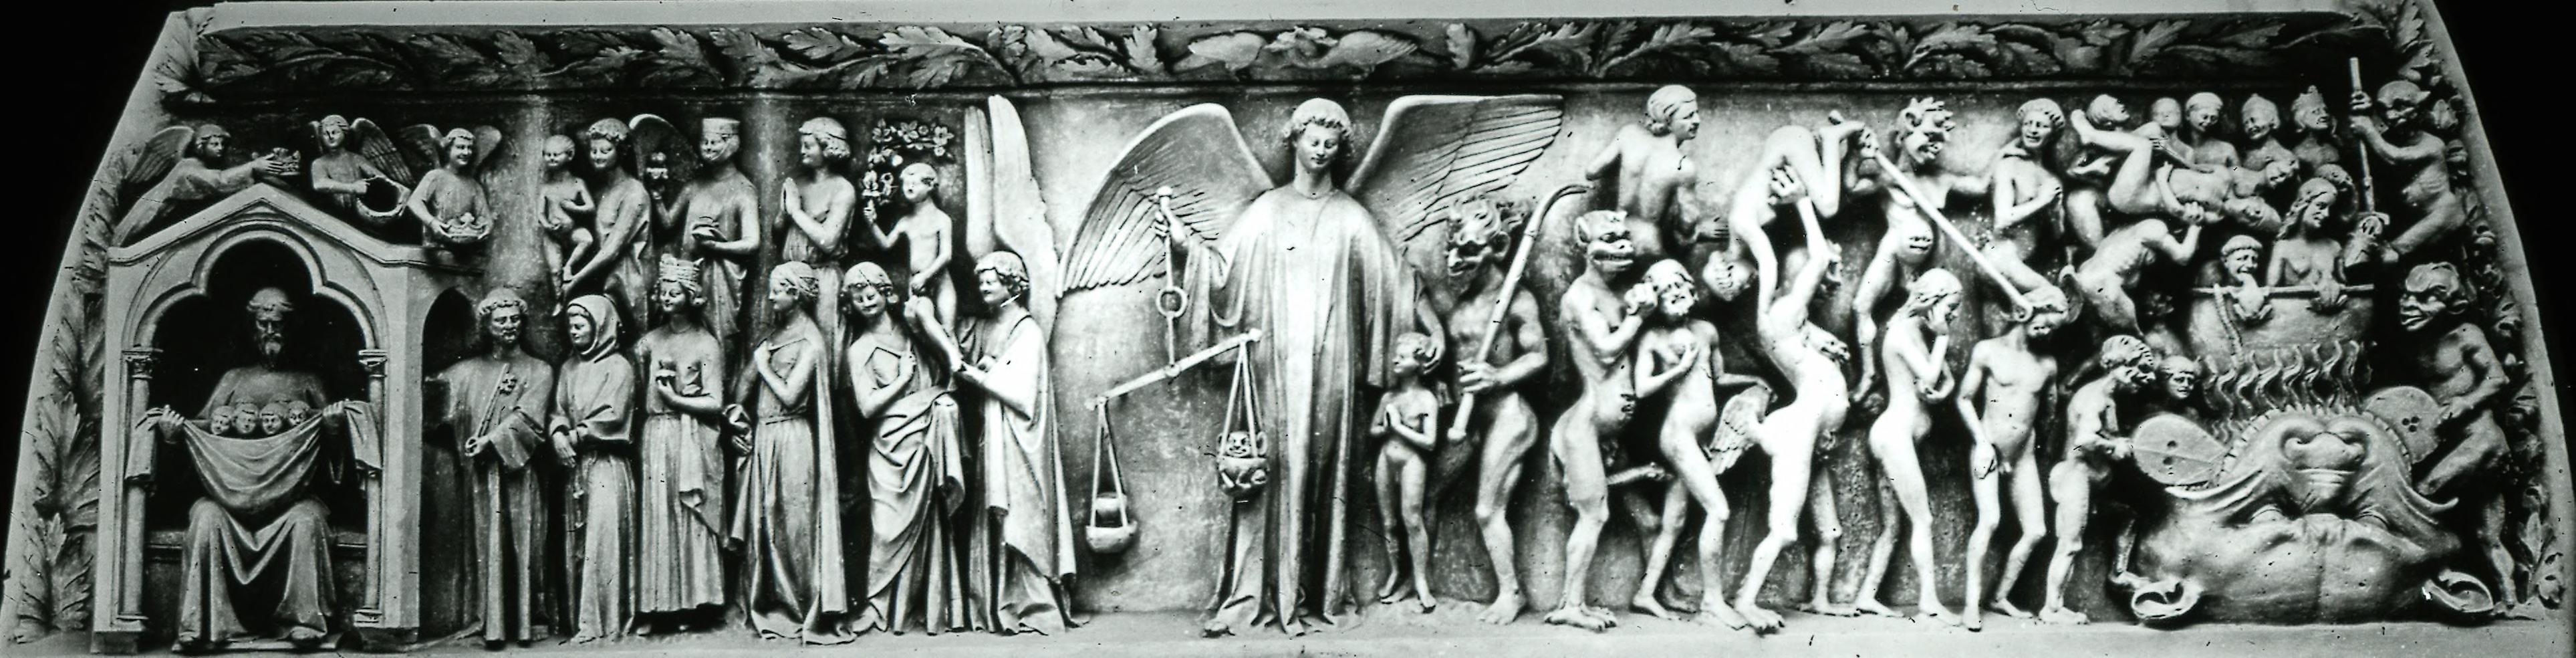 Сент-Этьен-дю-Мон. Центральный дверной проем. Страшный суд.1190-1275